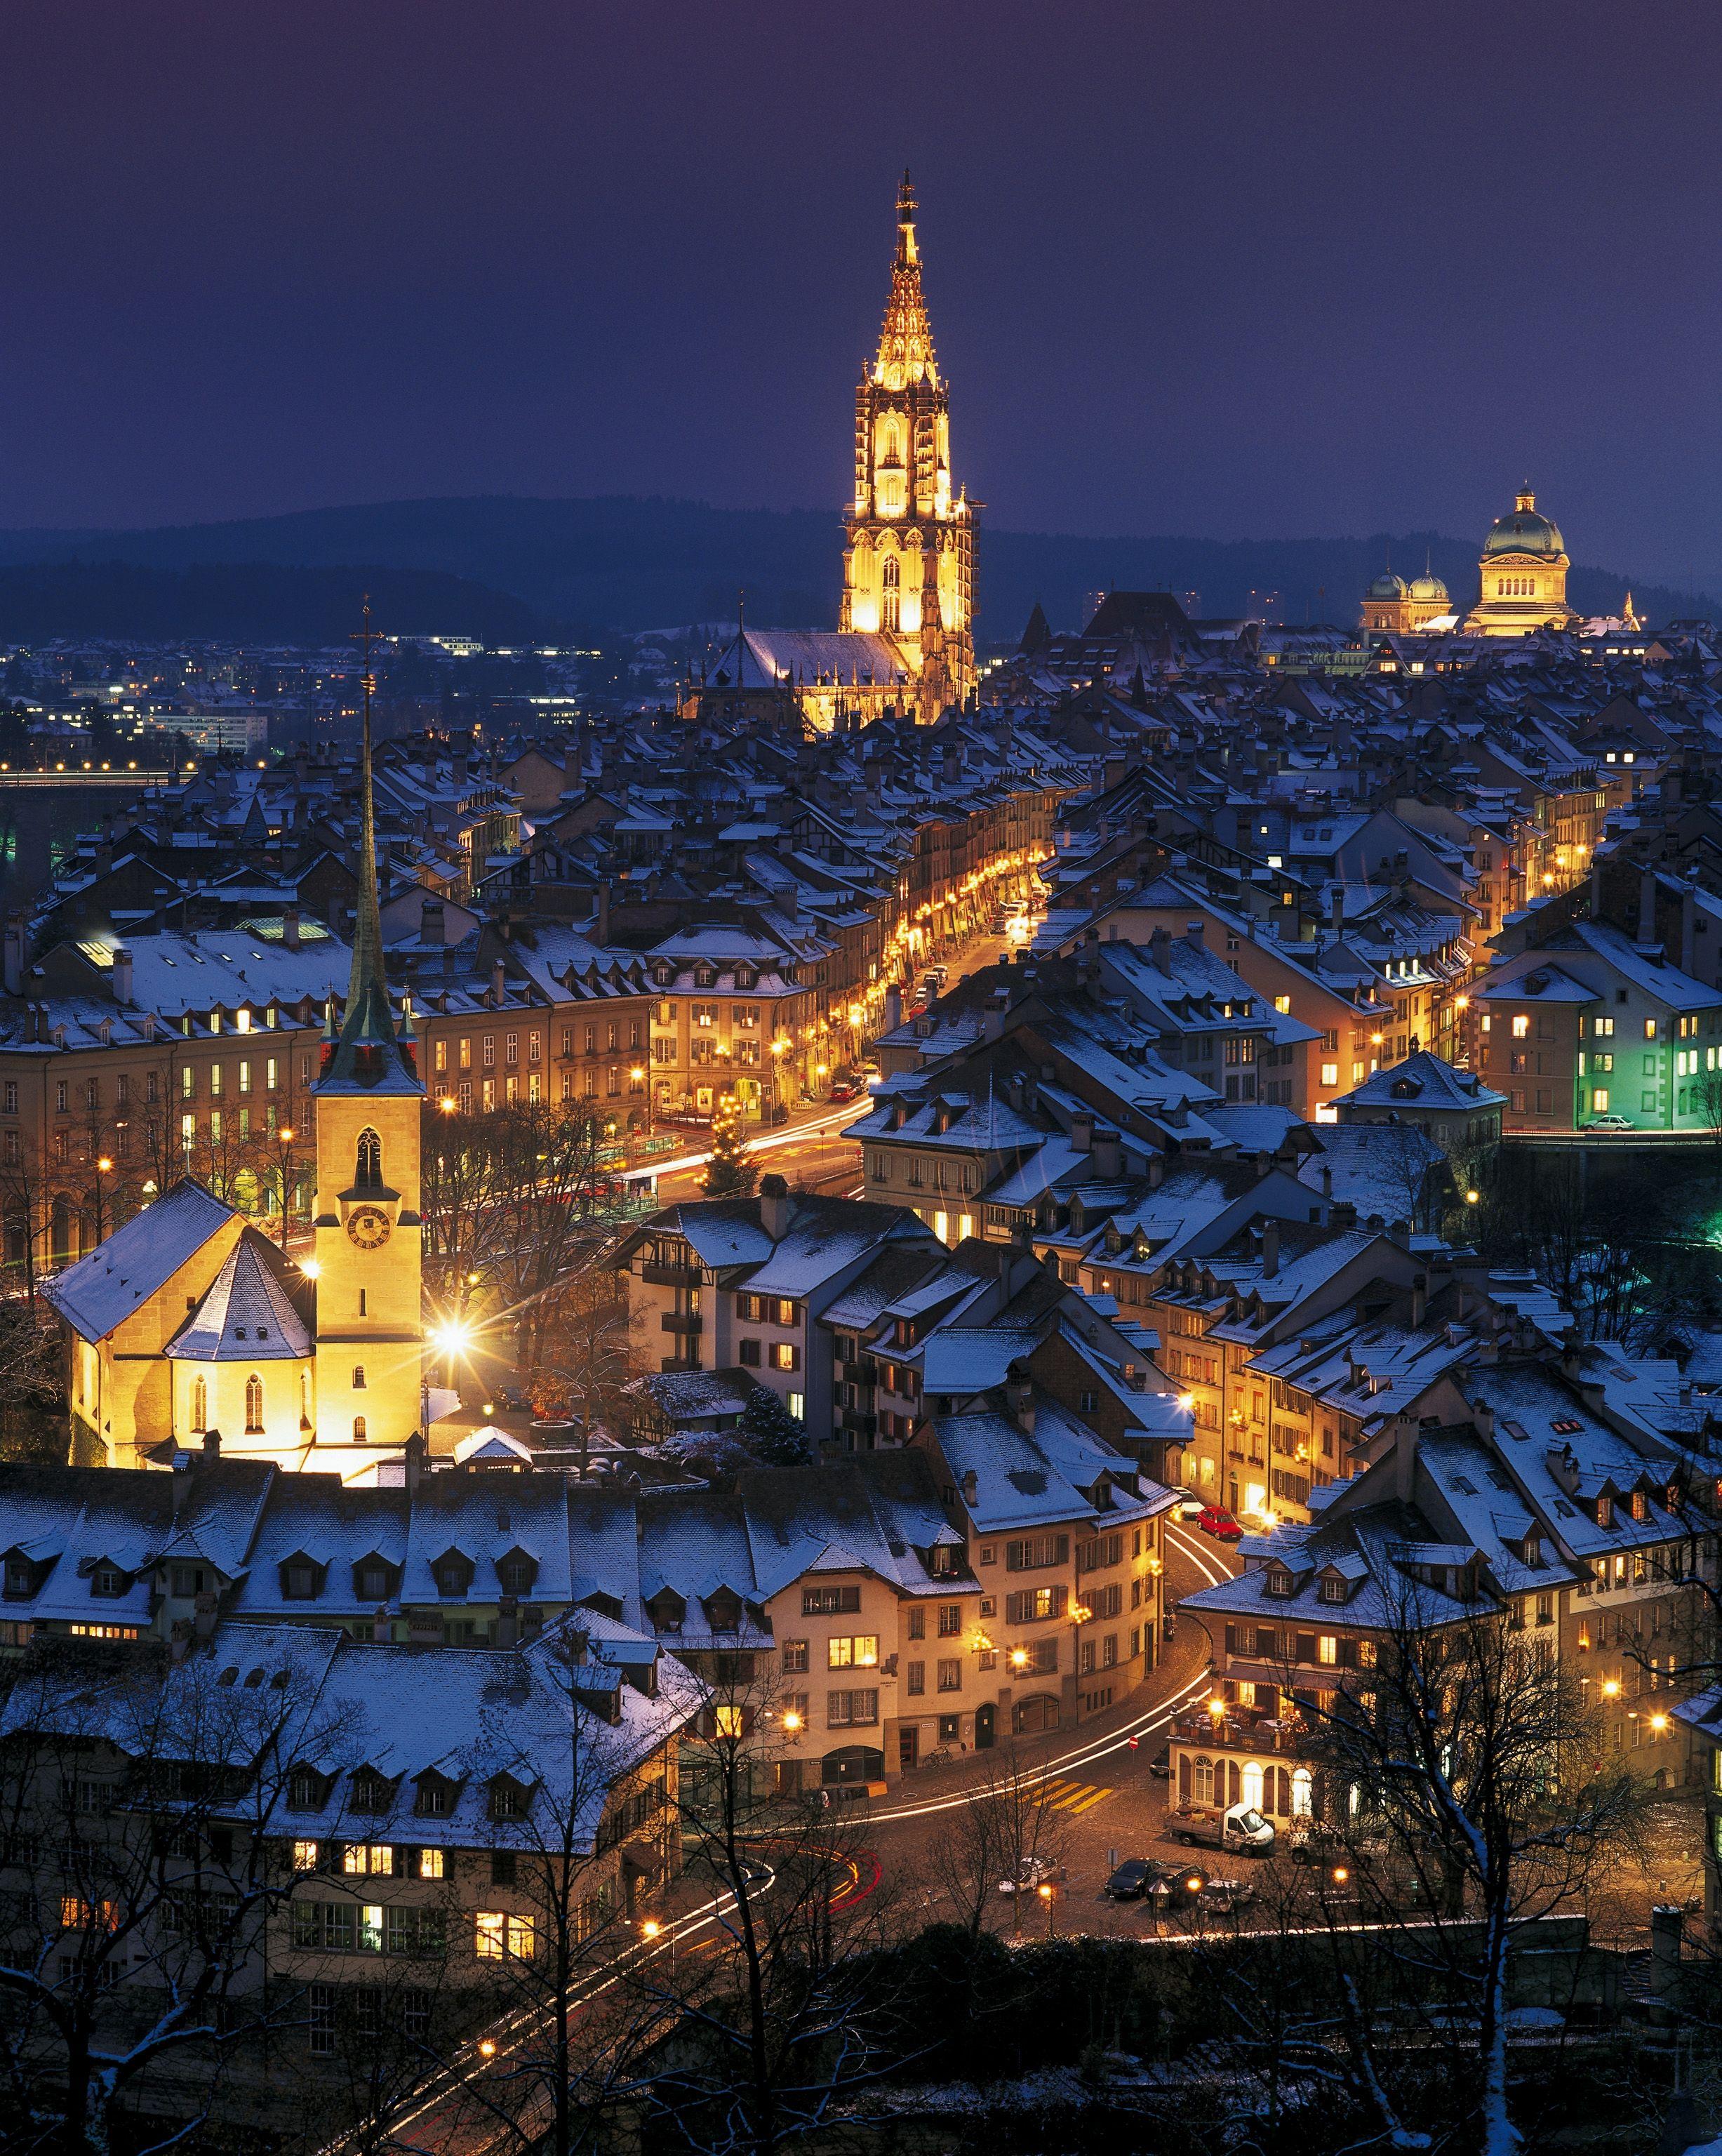 Zuerich Reisen Schweiz Reise Reiseideen